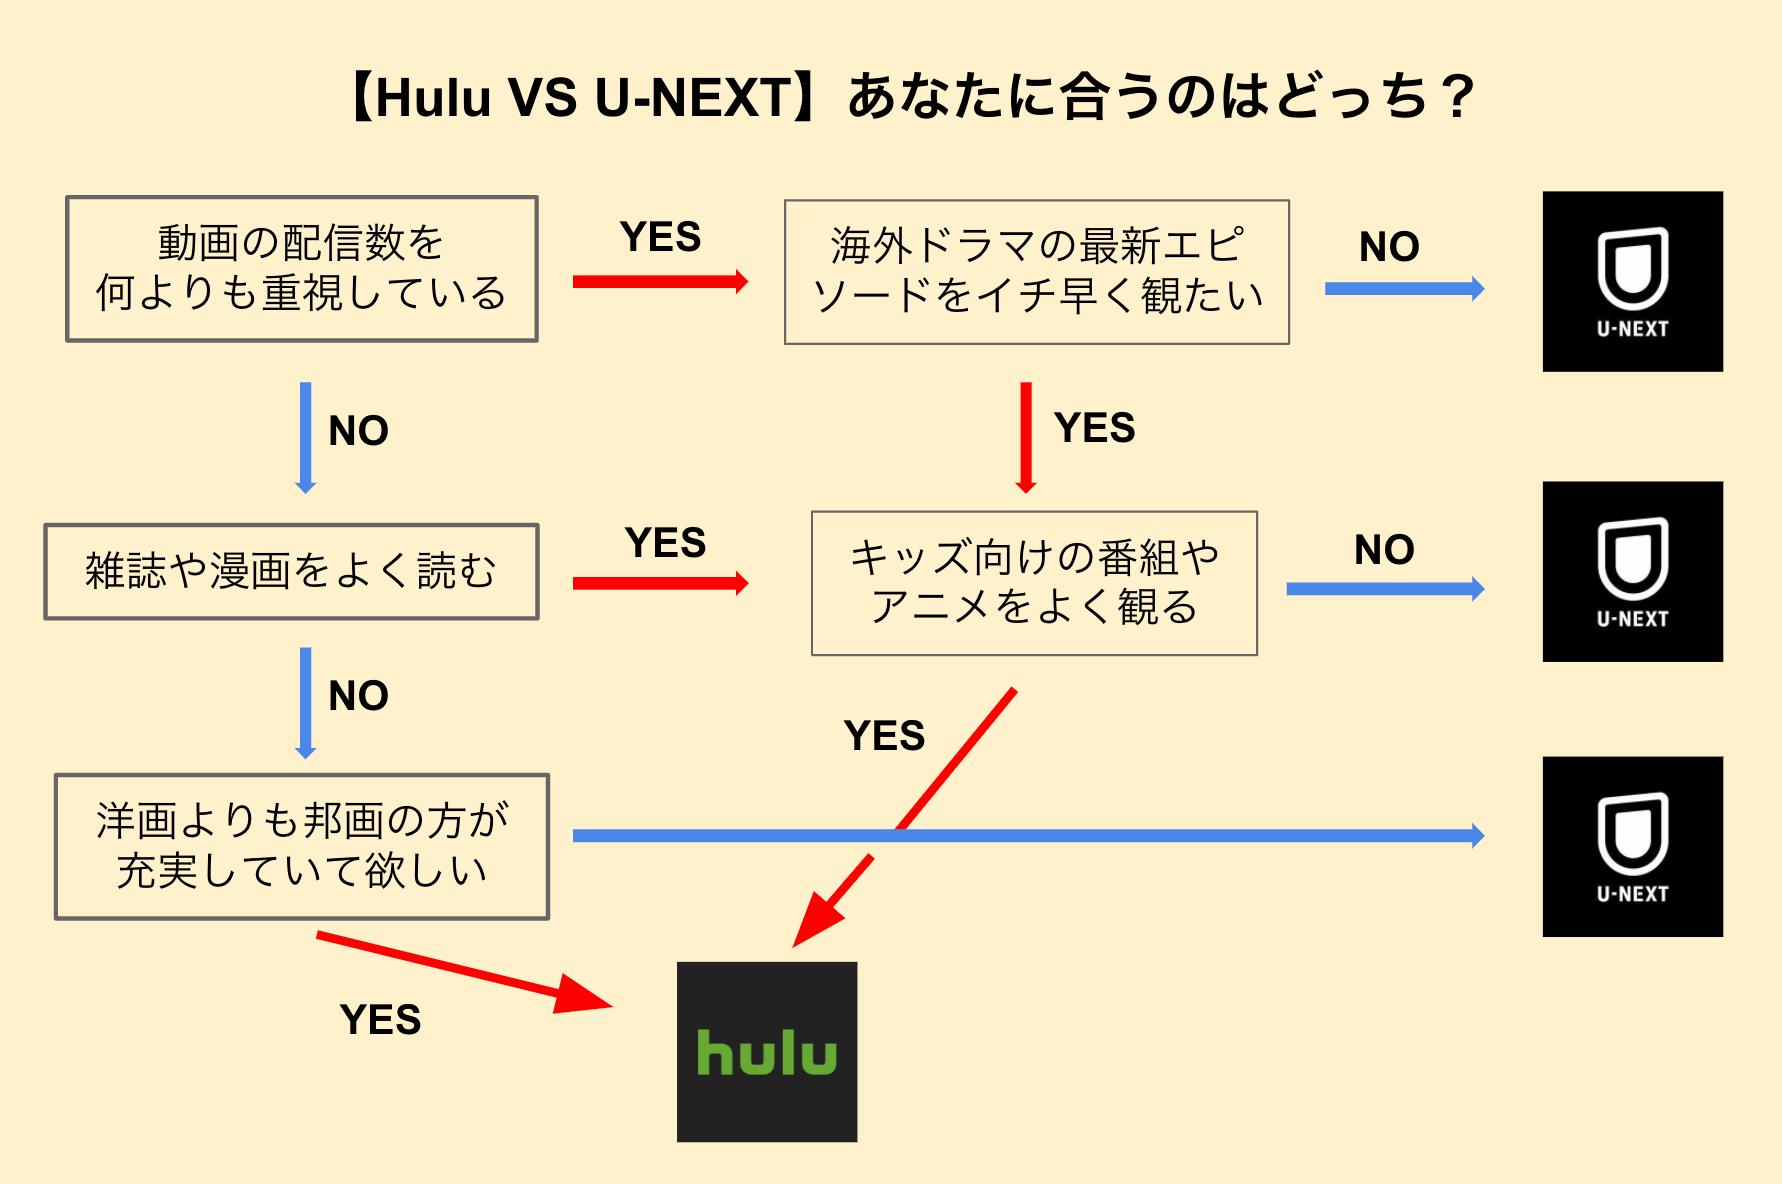 Hulu_U-NEXT 診断